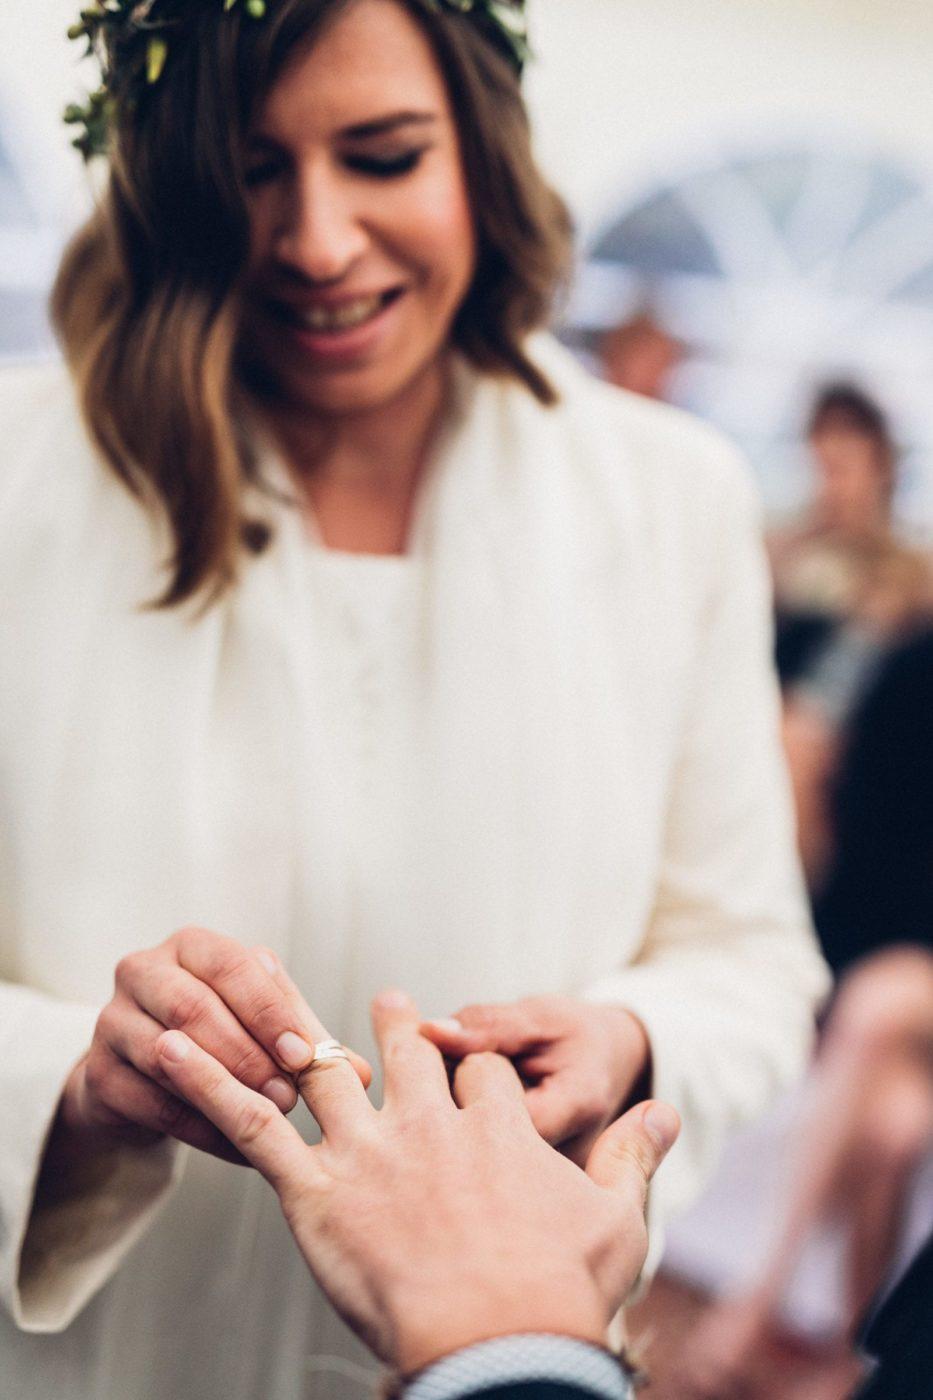 Die Braut steckt ihrem zukünftigen Mann den Ring an.